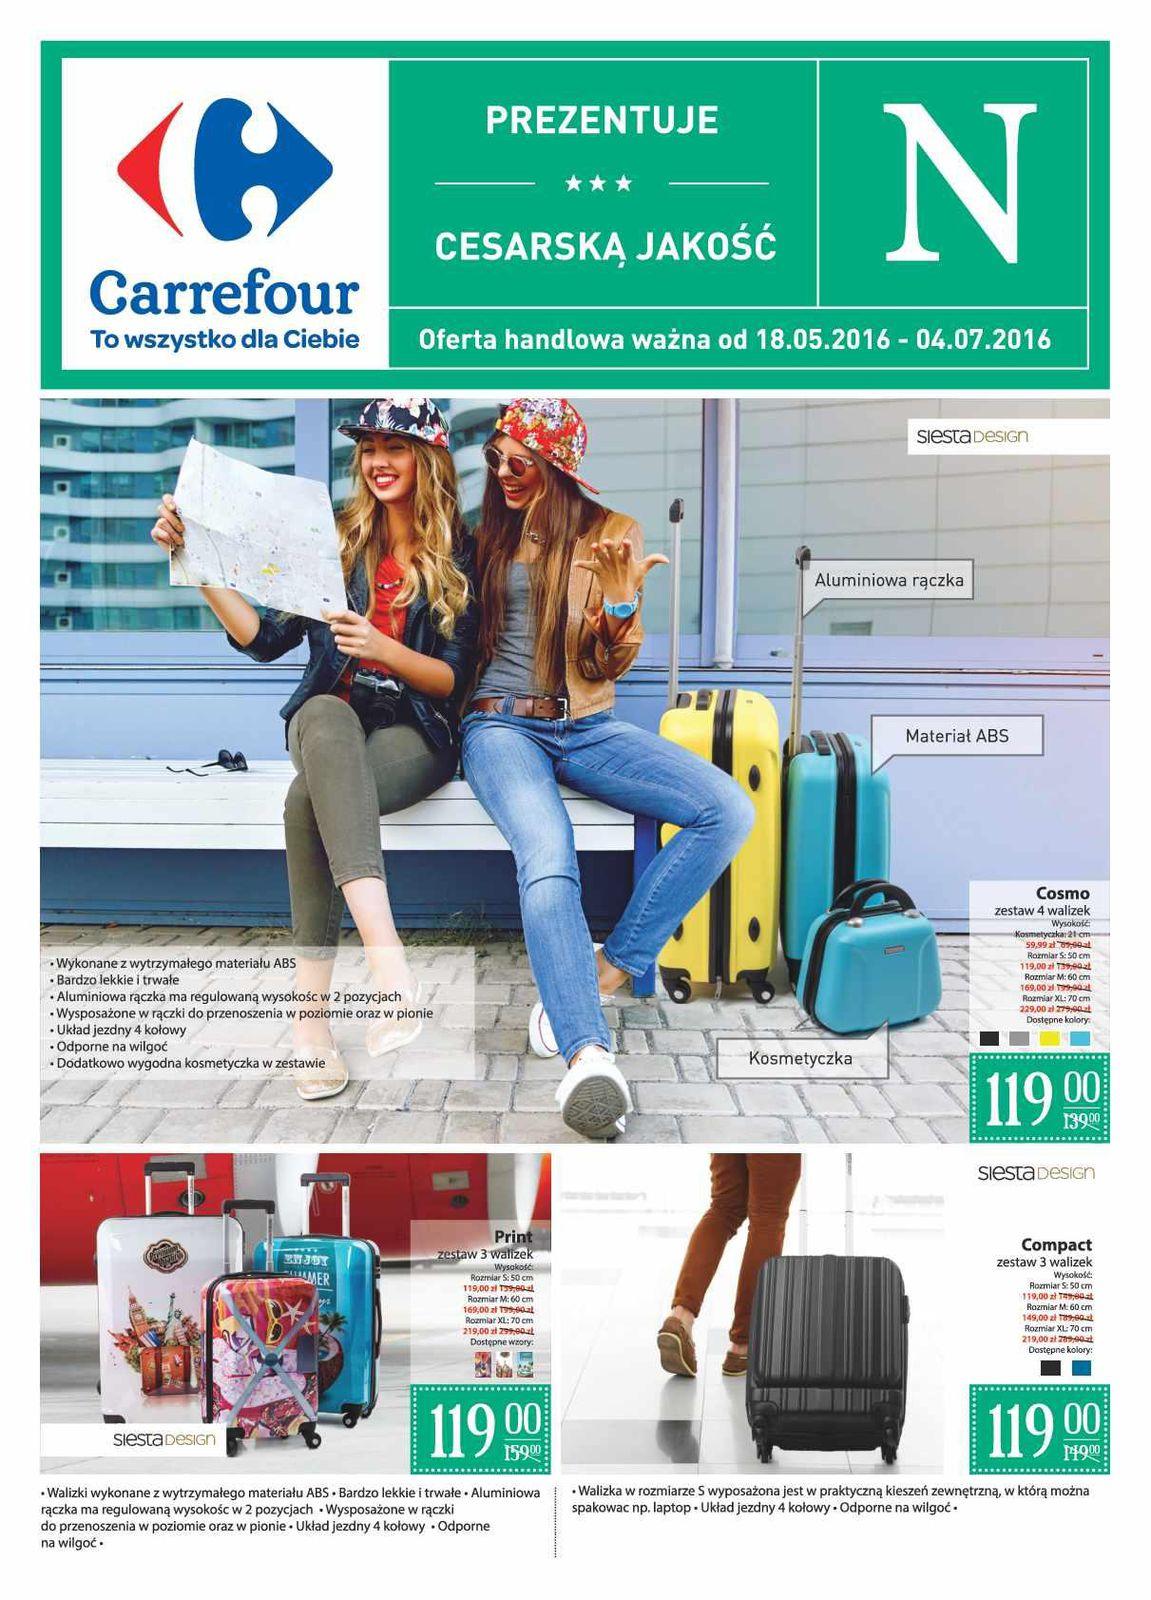 6b8a3aeeb20f7 Gazetka promocyjna Carrefour do 04 07 2016 str.1